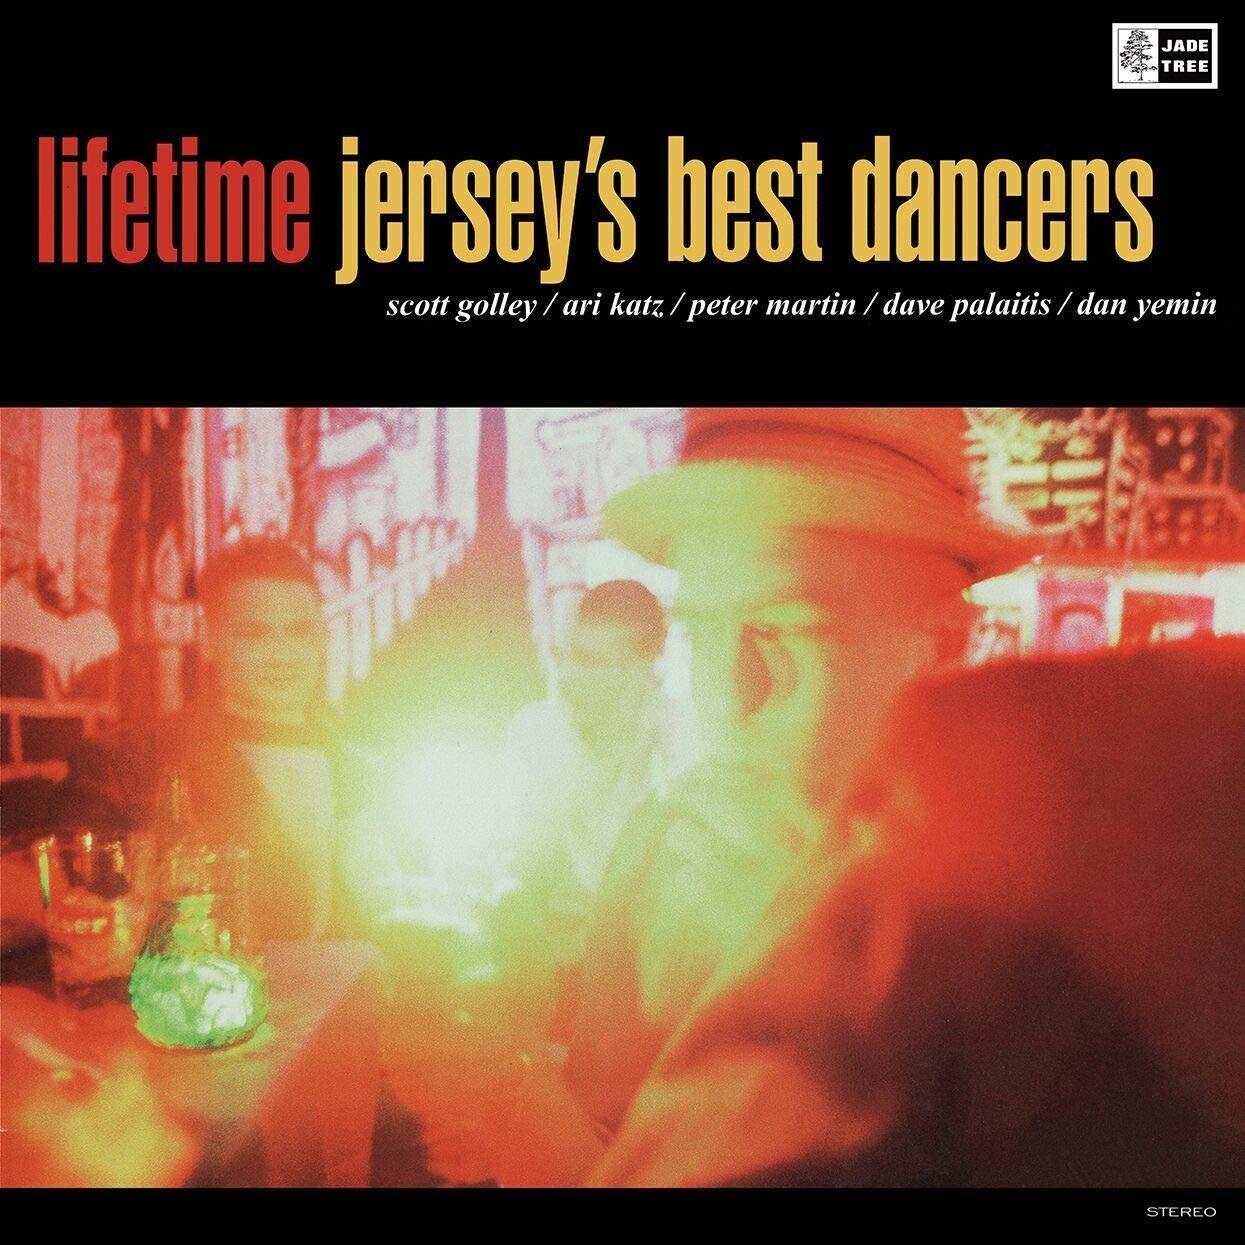 Lifetime - Jersey's Best Dancers